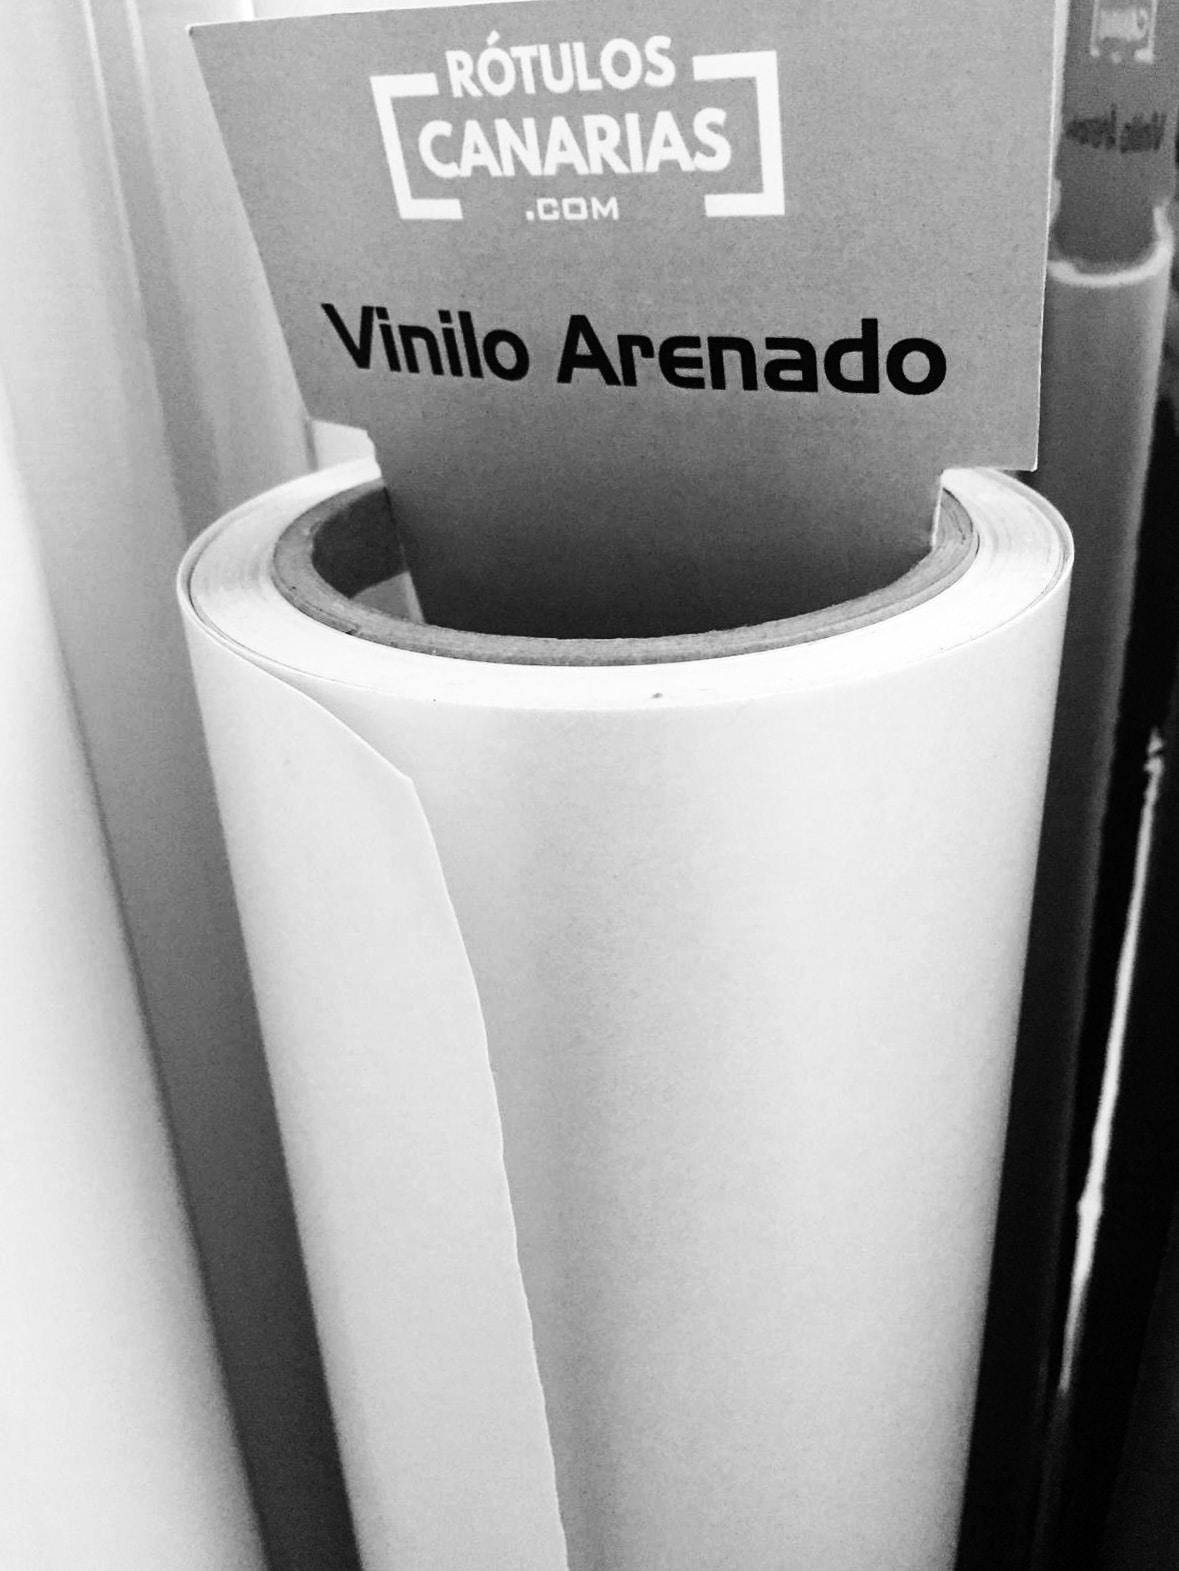 Vinilo Arenado